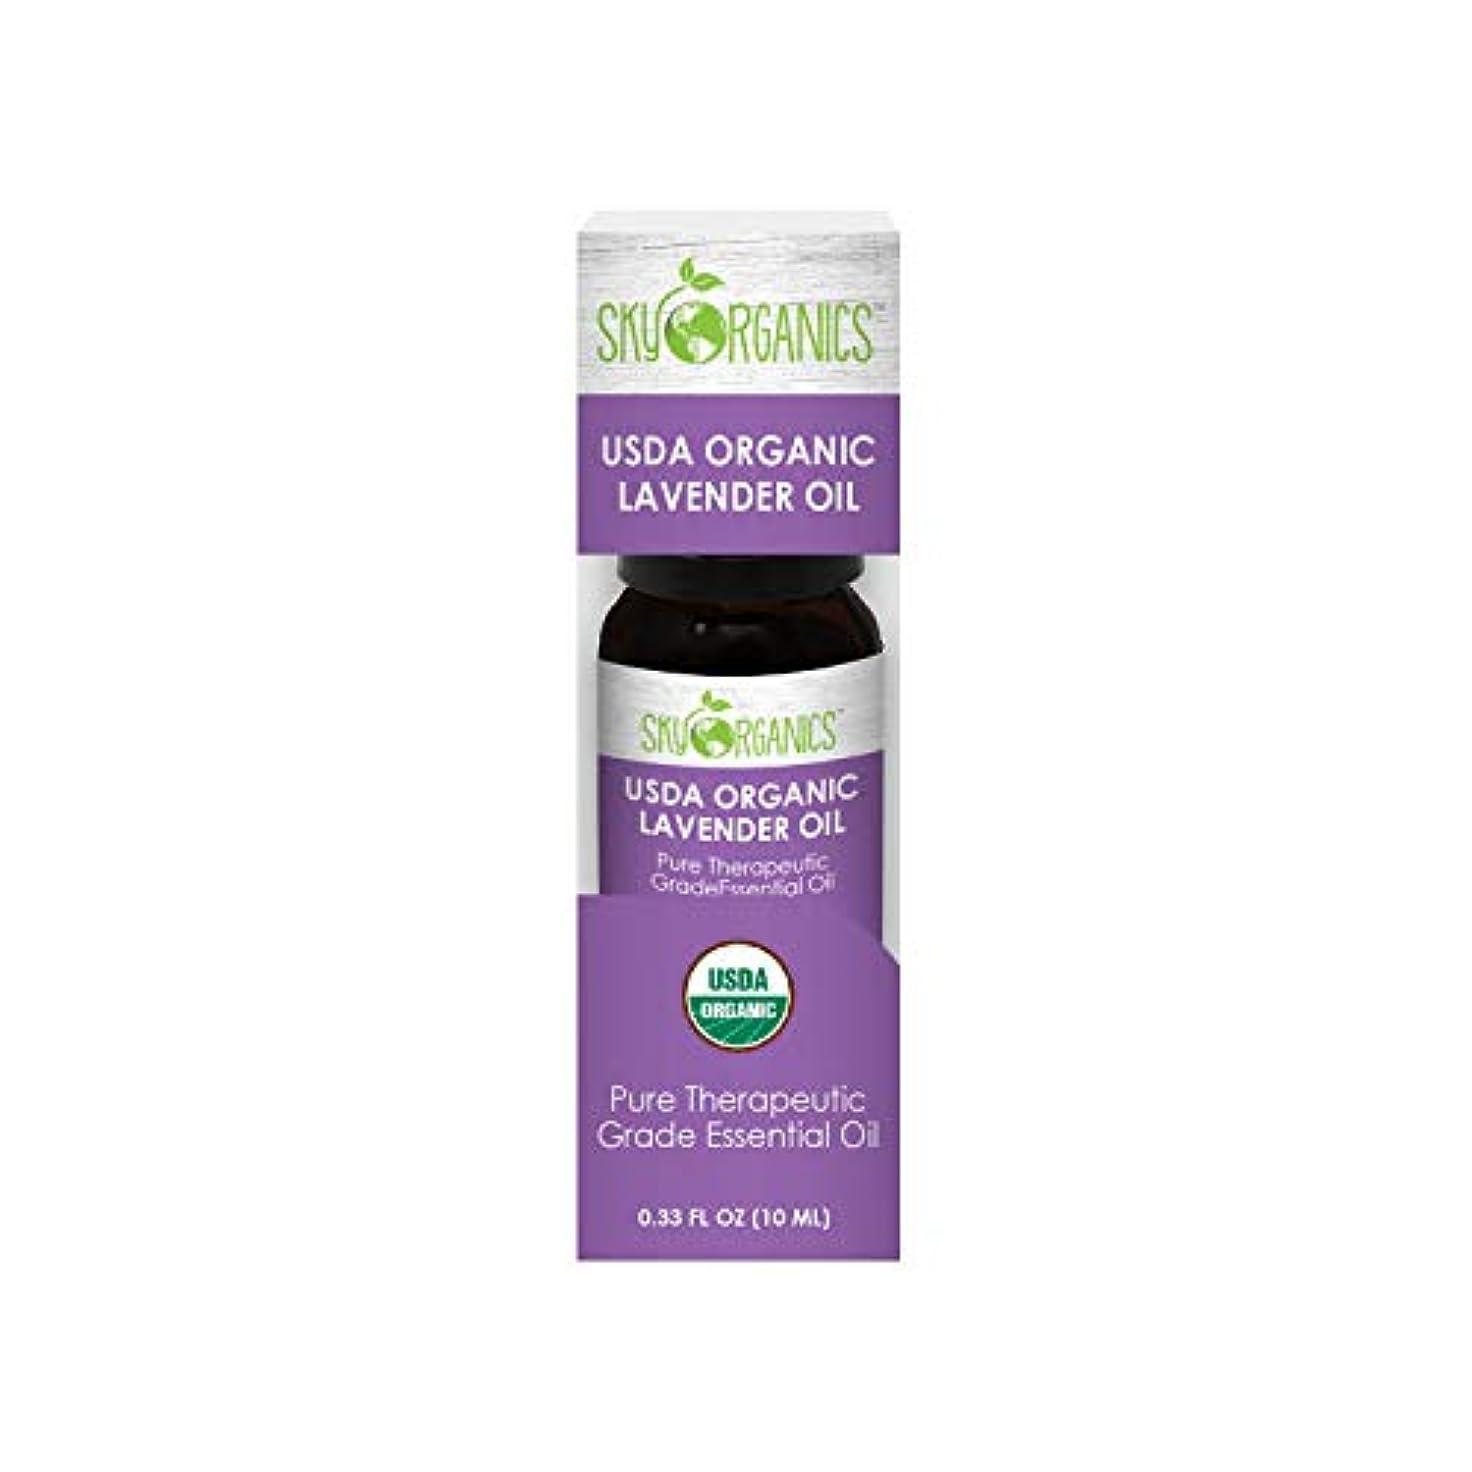 フェザー出費ジム認定エッセンシャルオイル Lavender Oil Sky Organics USDAオーガニックラベンダーオイル-10 ml-ピュアセラピューティックグレードのエッセンシャルオイル-ディフューザー、アロマセラピー、マッサージオイル、DIY